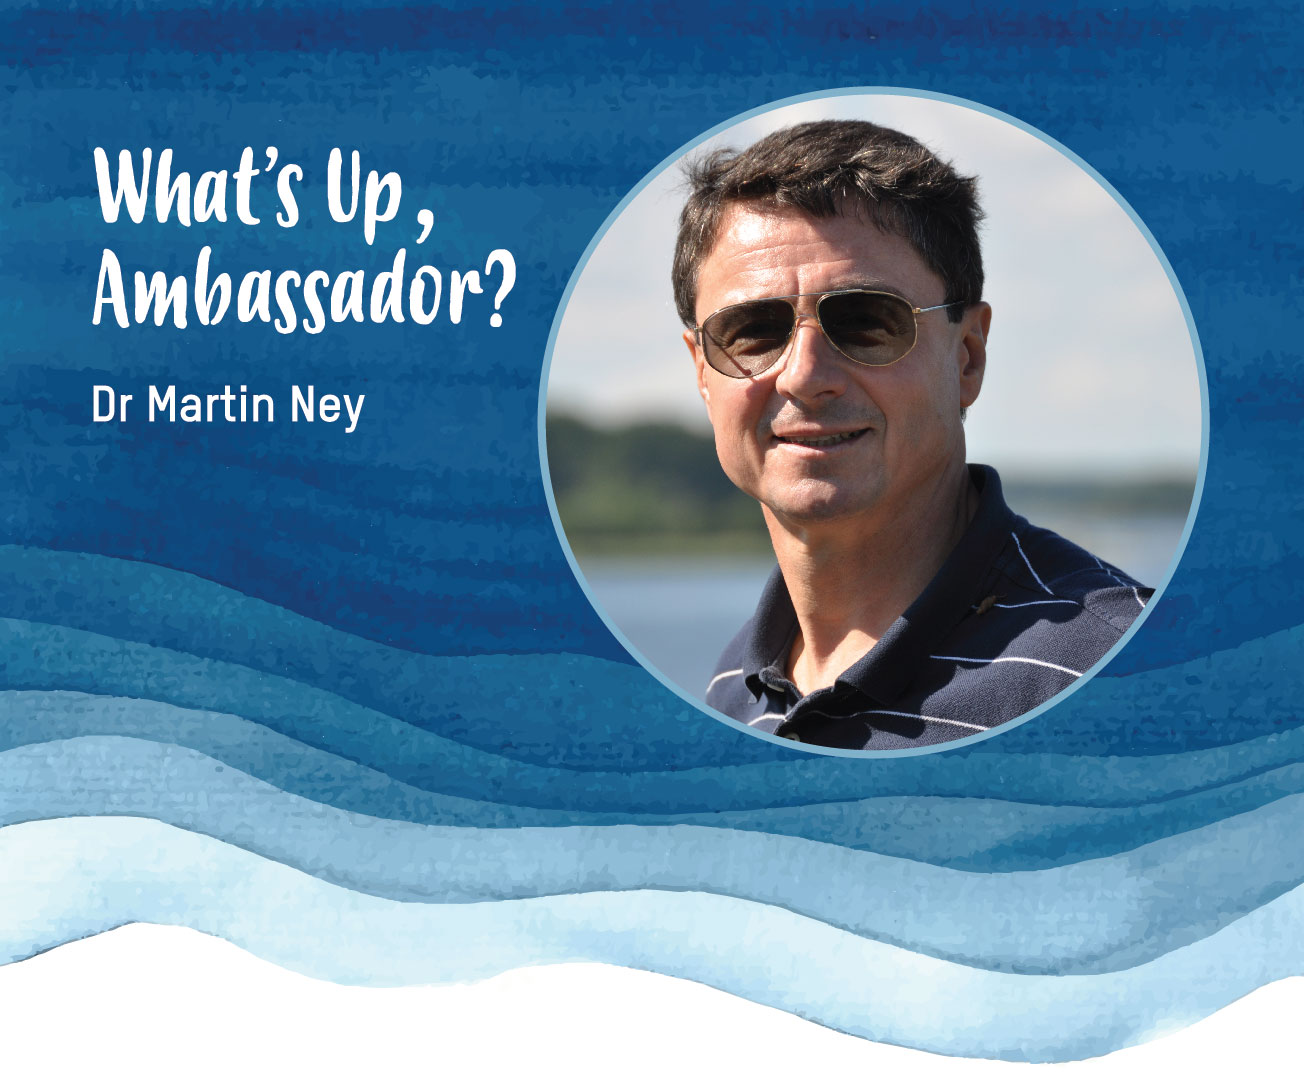 Dr. Martin Ney